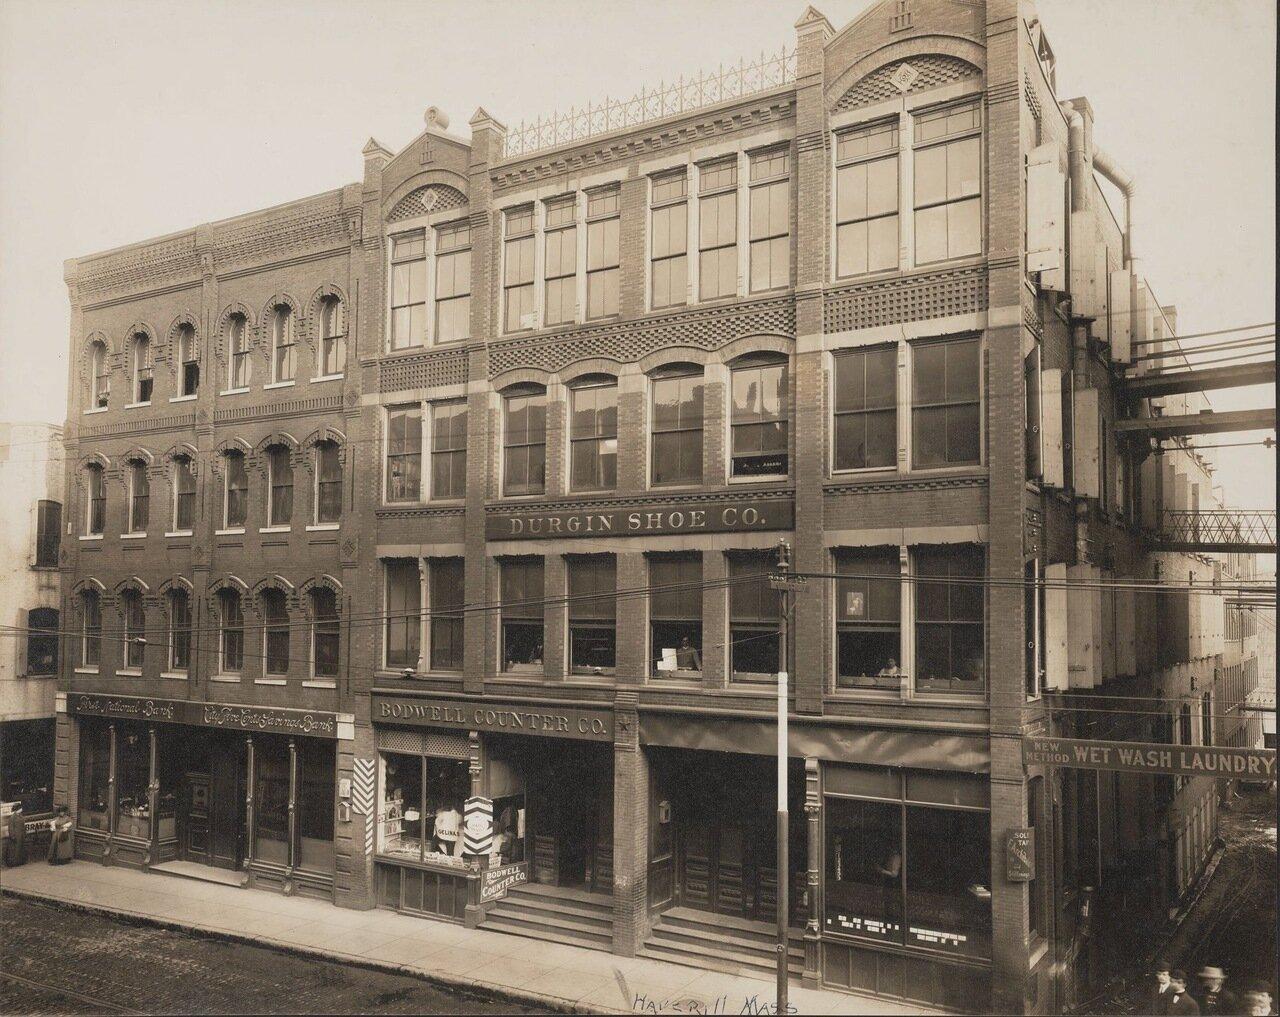 Внешний вид здания Durgin Shoe Co. Хаверхилл, Массачусетс